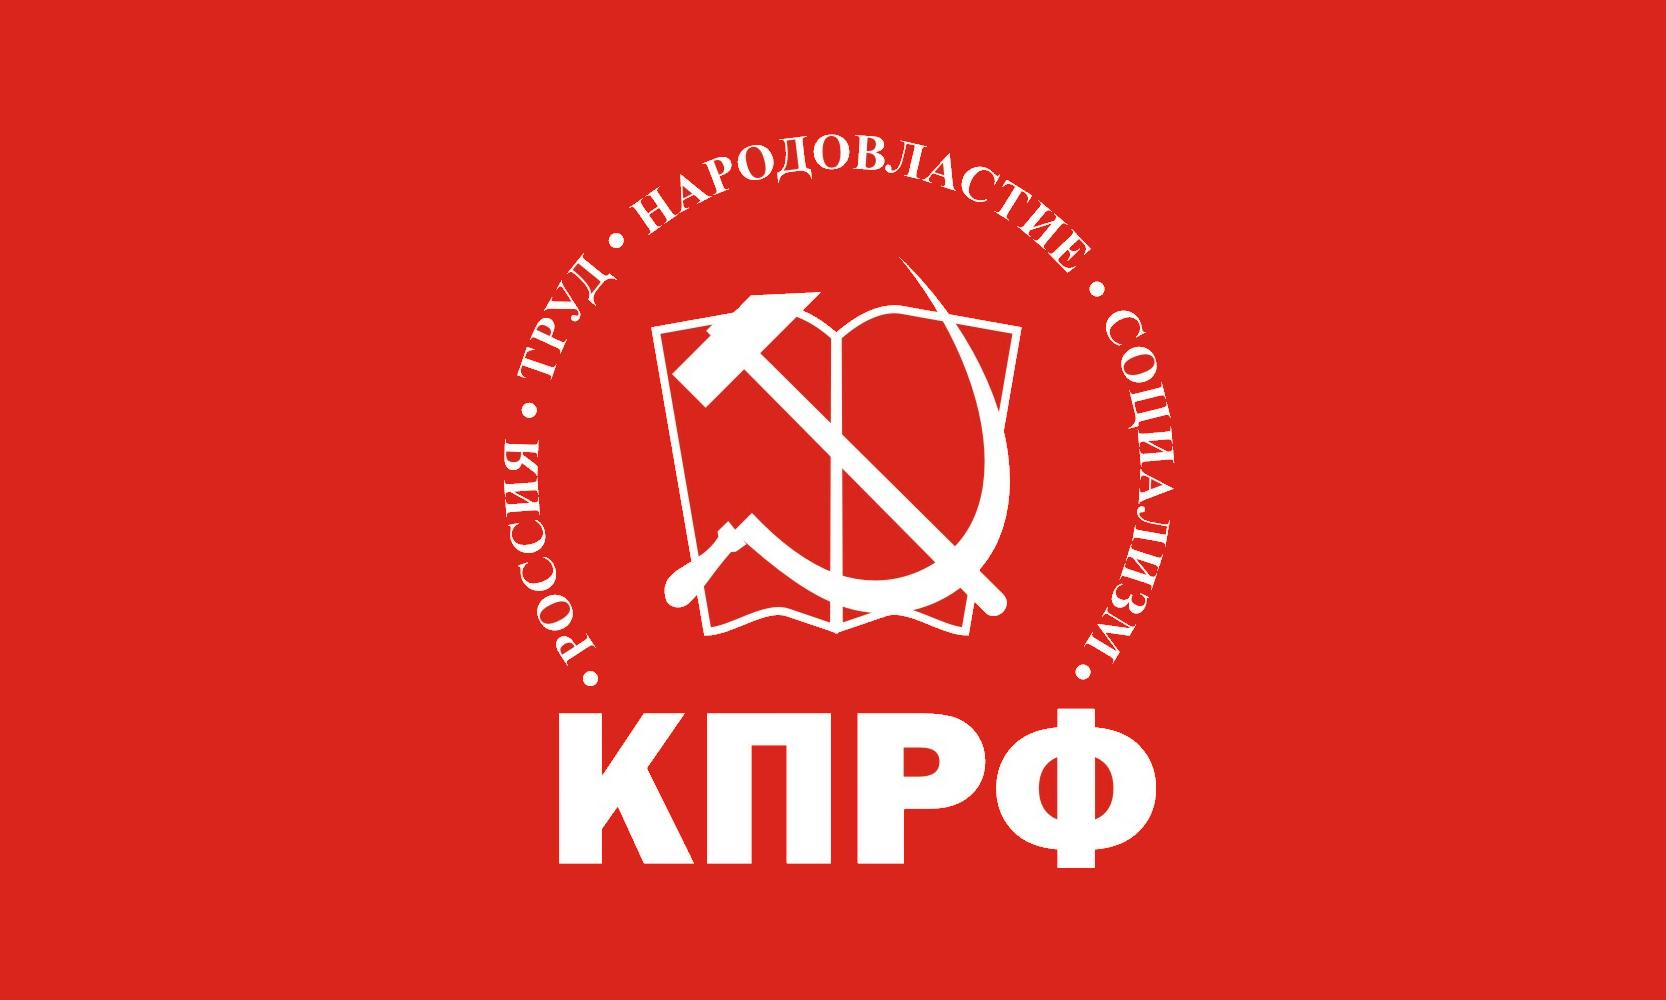 a history of communism in the russian federation Communist party of the russian federation's wiki: the communist party of the russian federation (cprf russian: коммунистическая партия.